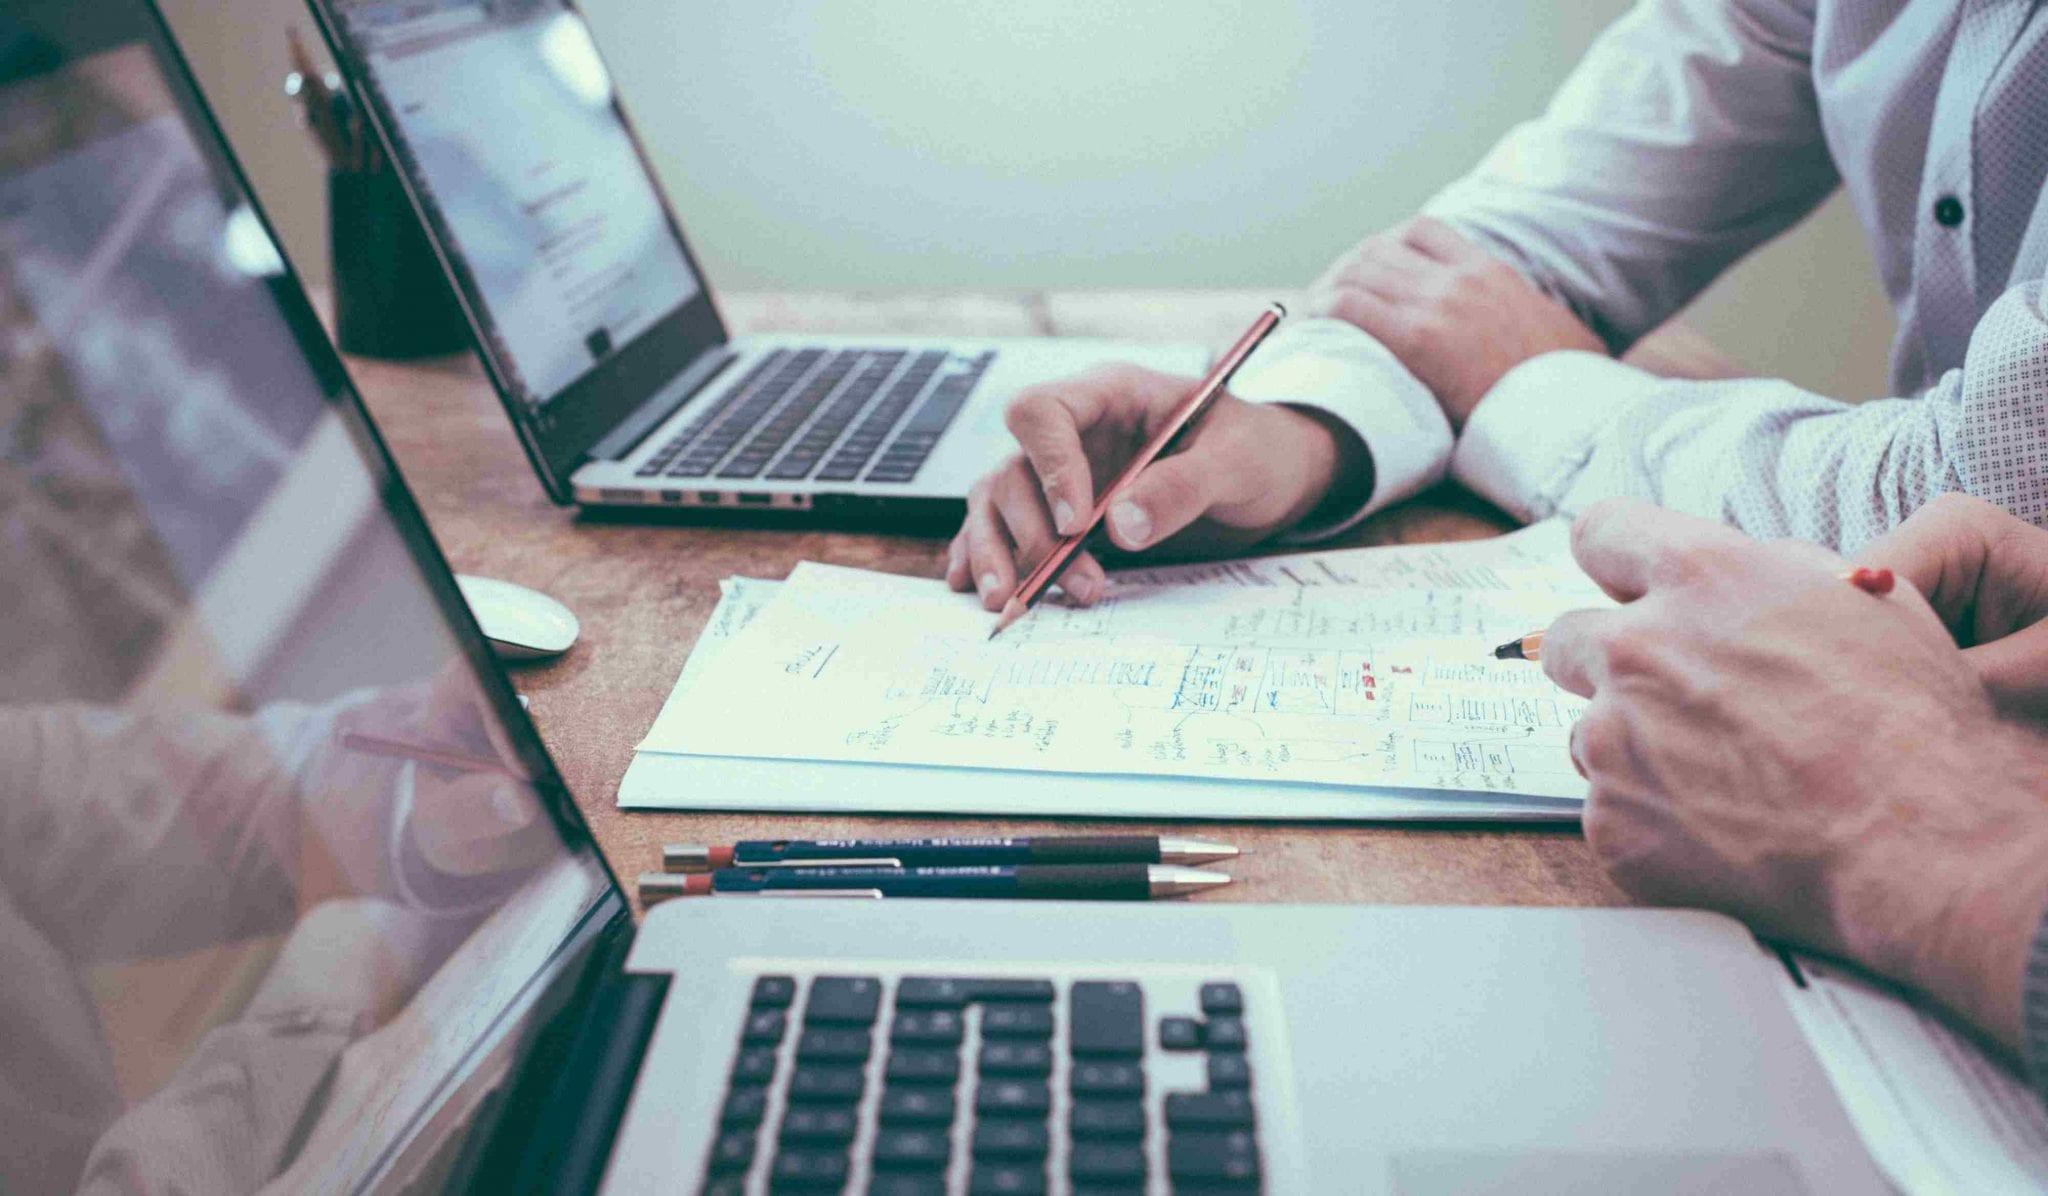 Online geld verdienen? Dit zijn de beste verdienmodellen